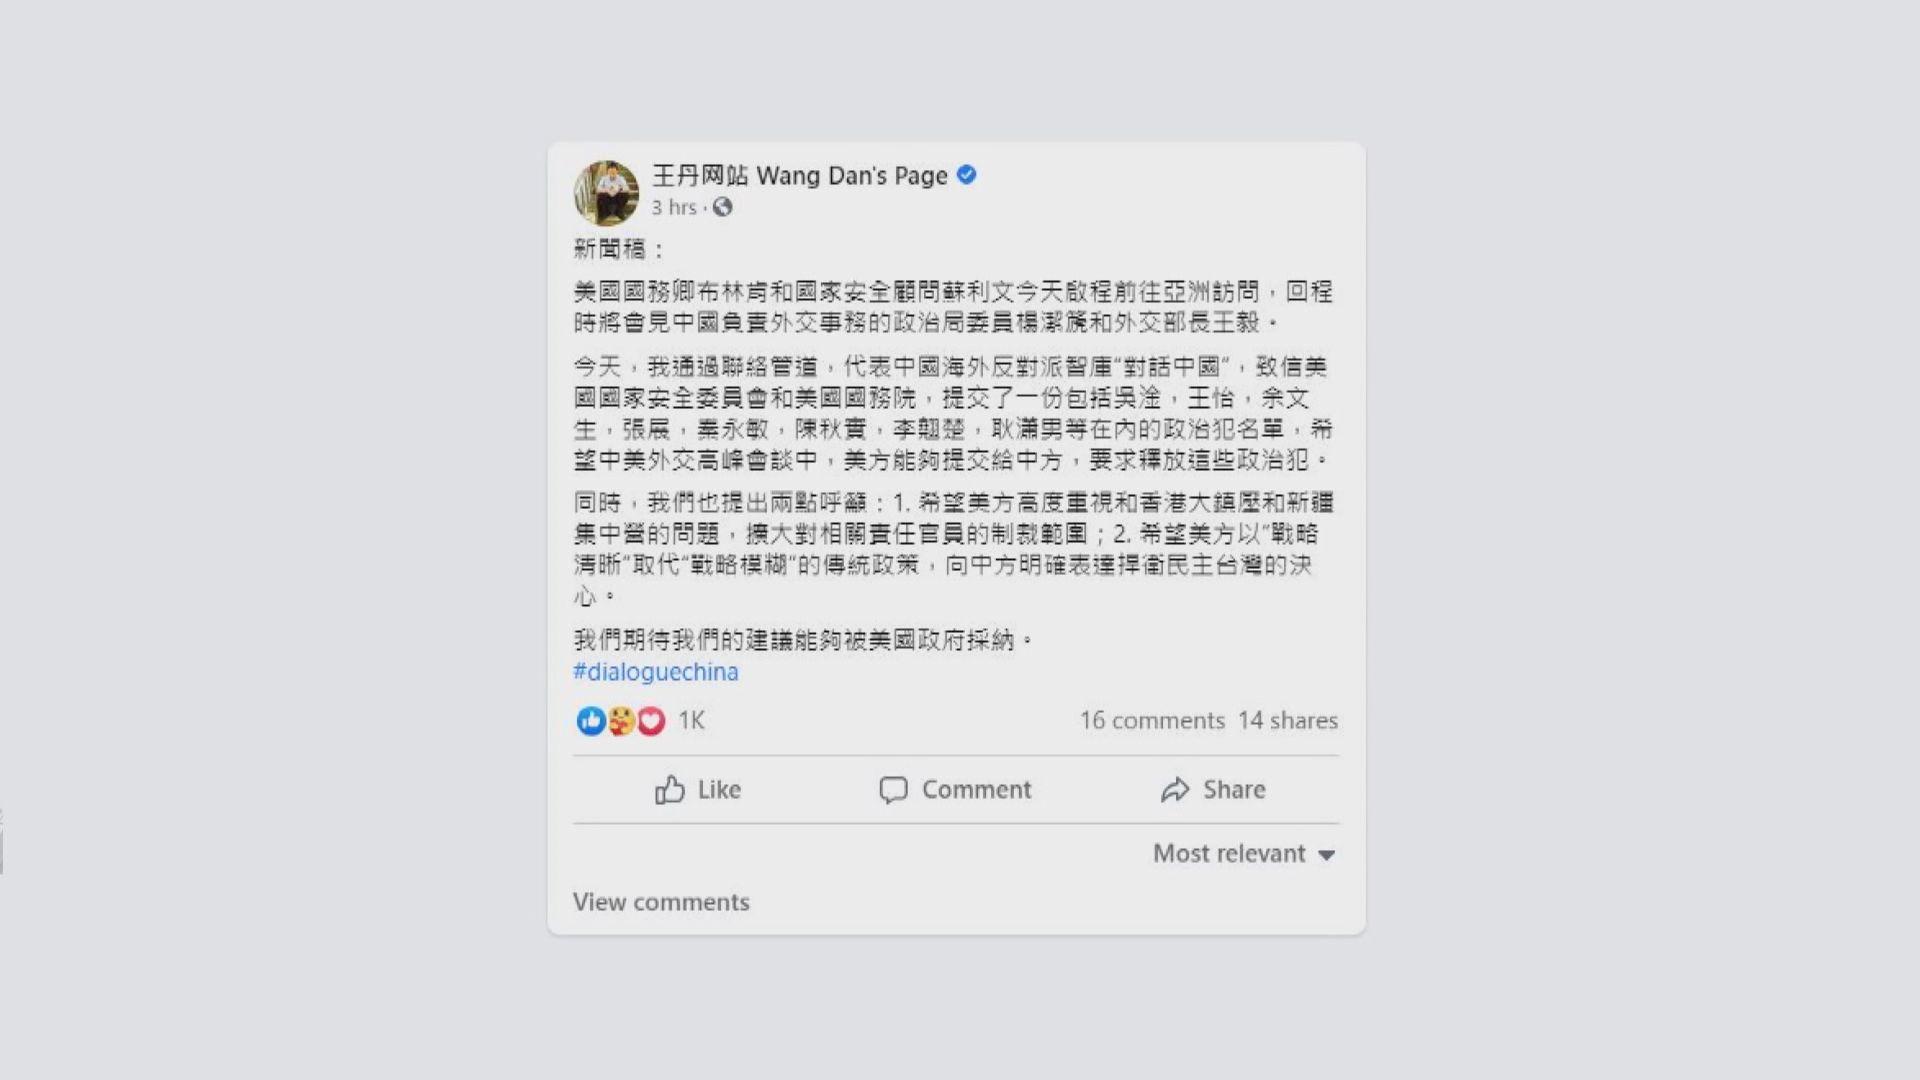 王丹呼籲美國向中國施壓 要求釋放政治犯